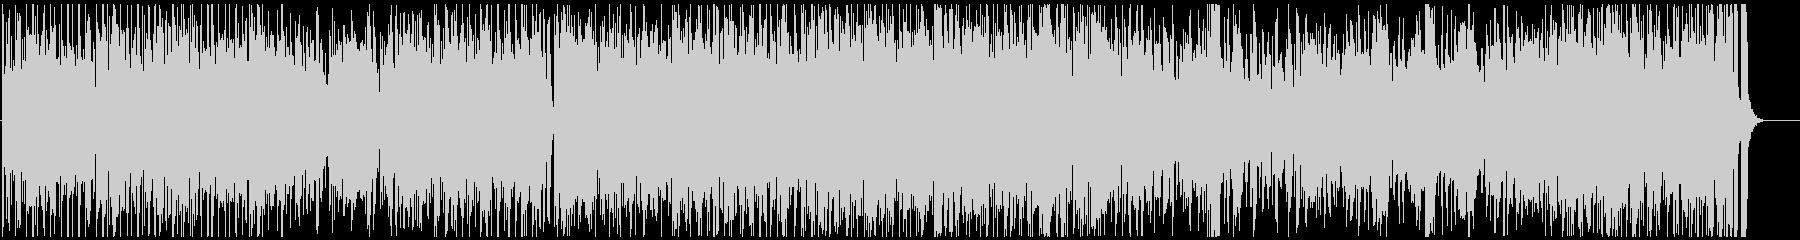 トロピカルなラテンジャズ フルートverの未再生の波形